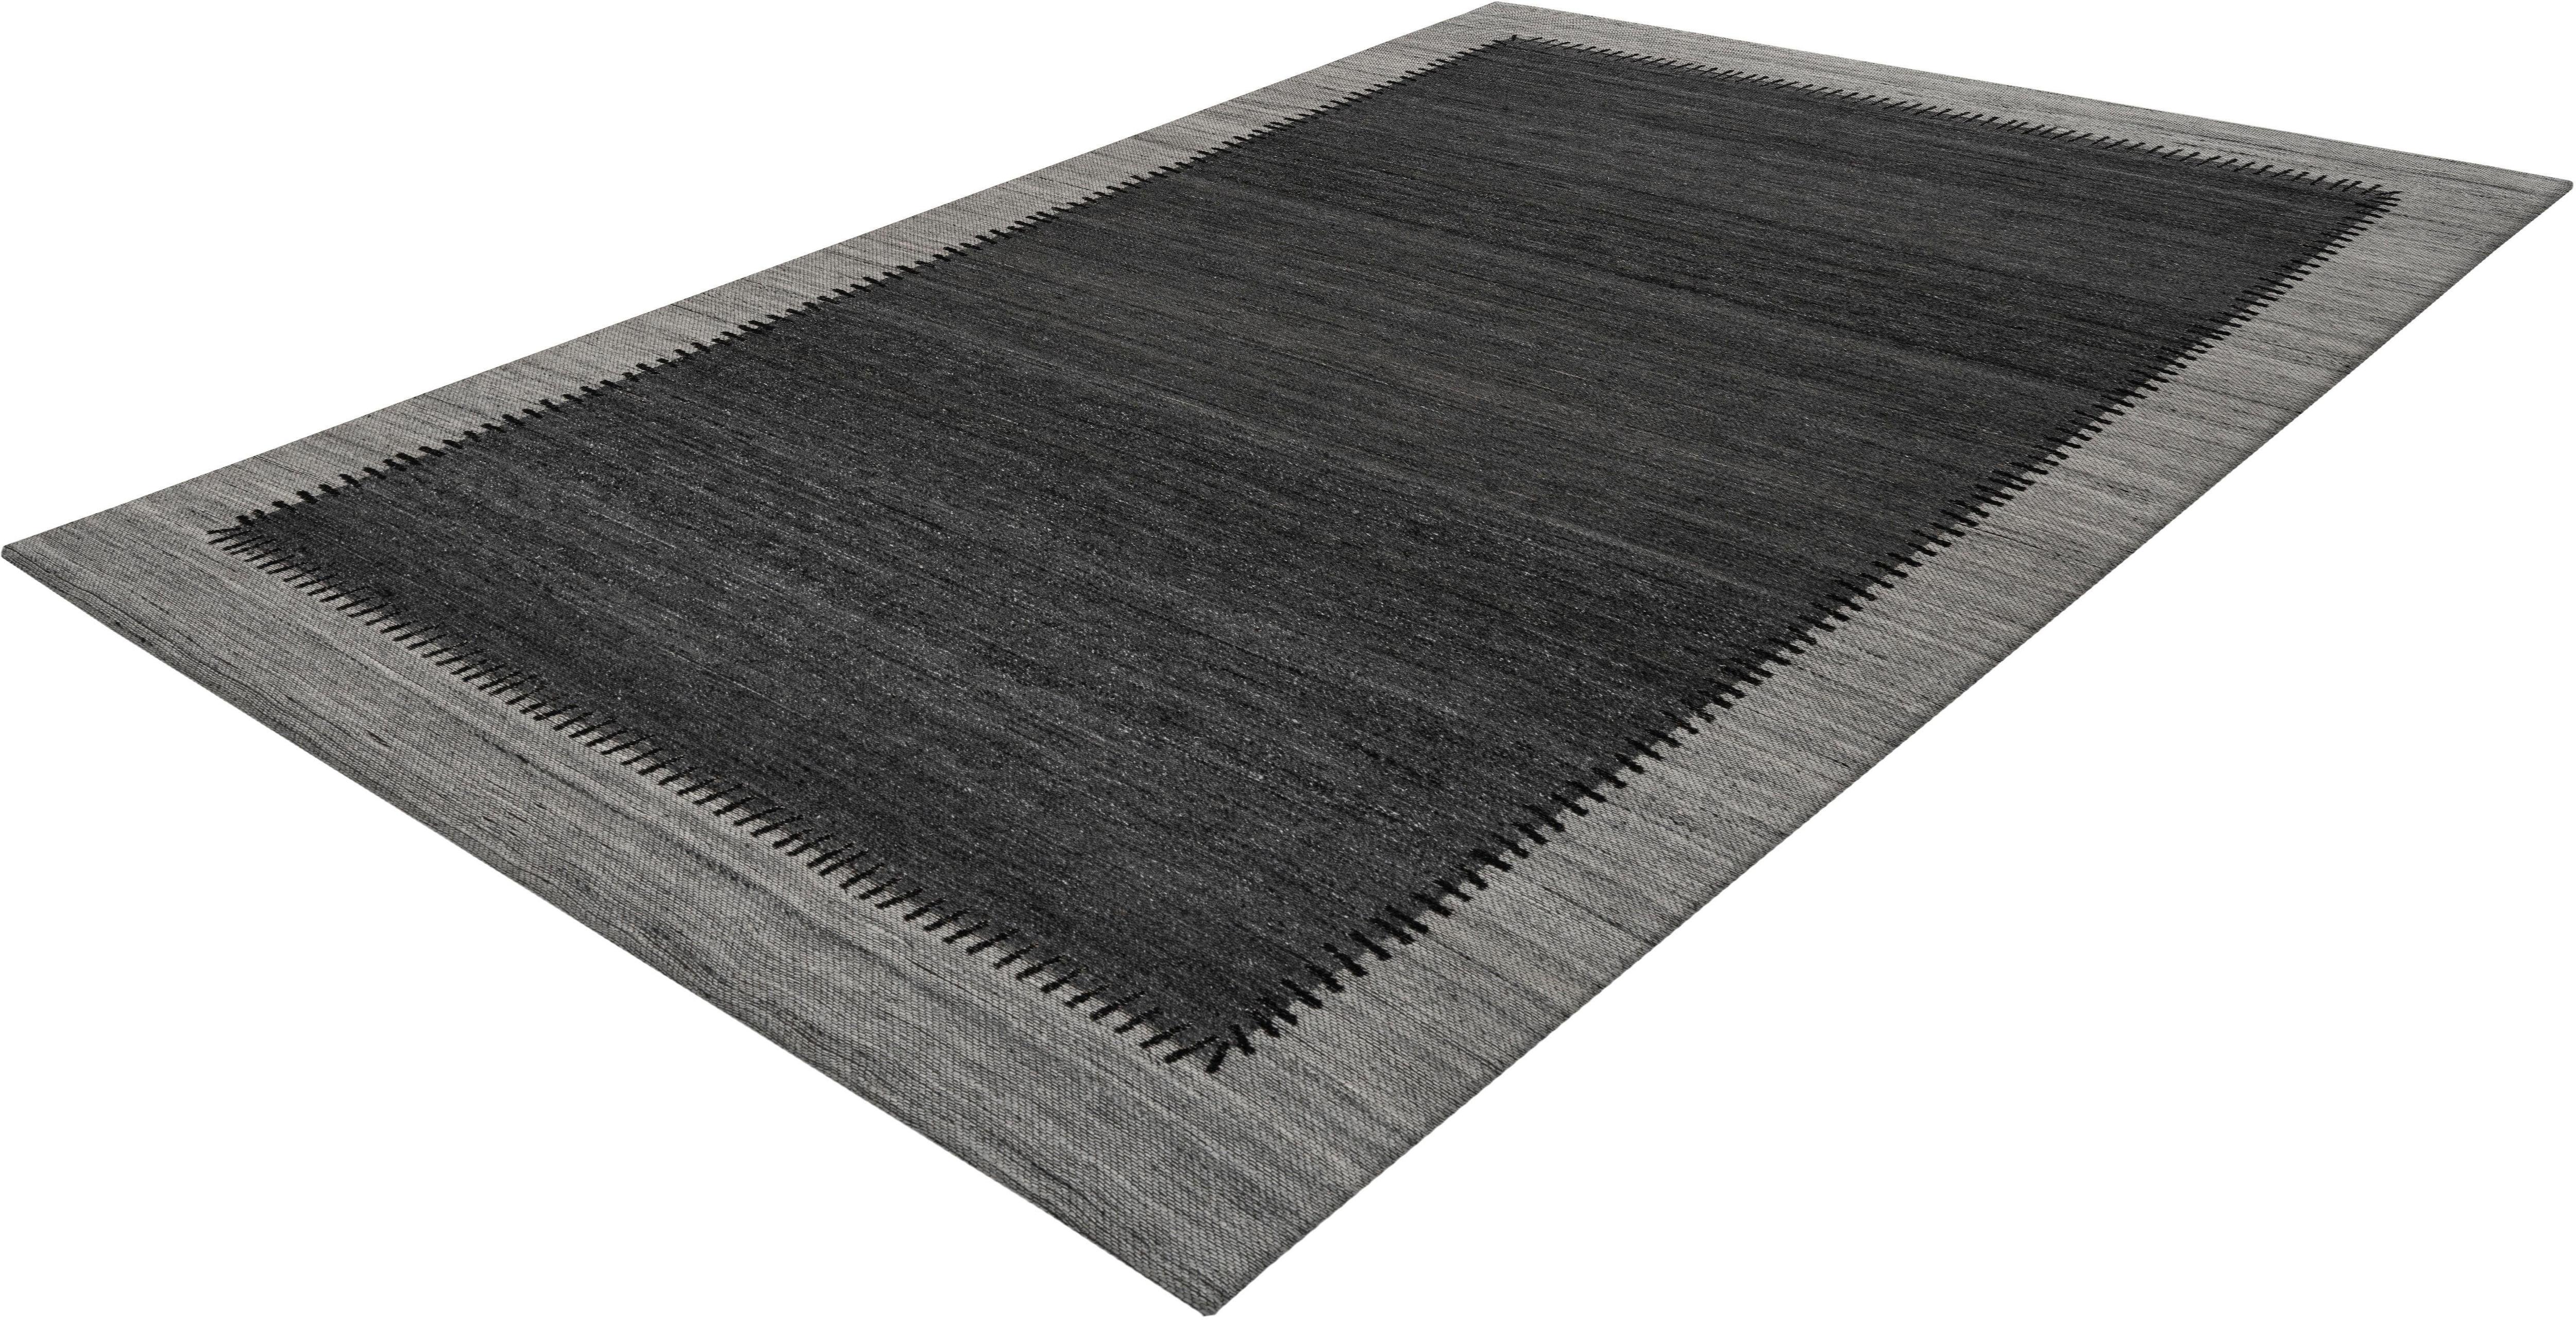 Teppich Roxy 450 calo-deluxe rechteckig Höhe 6 mm maschinell gewebt